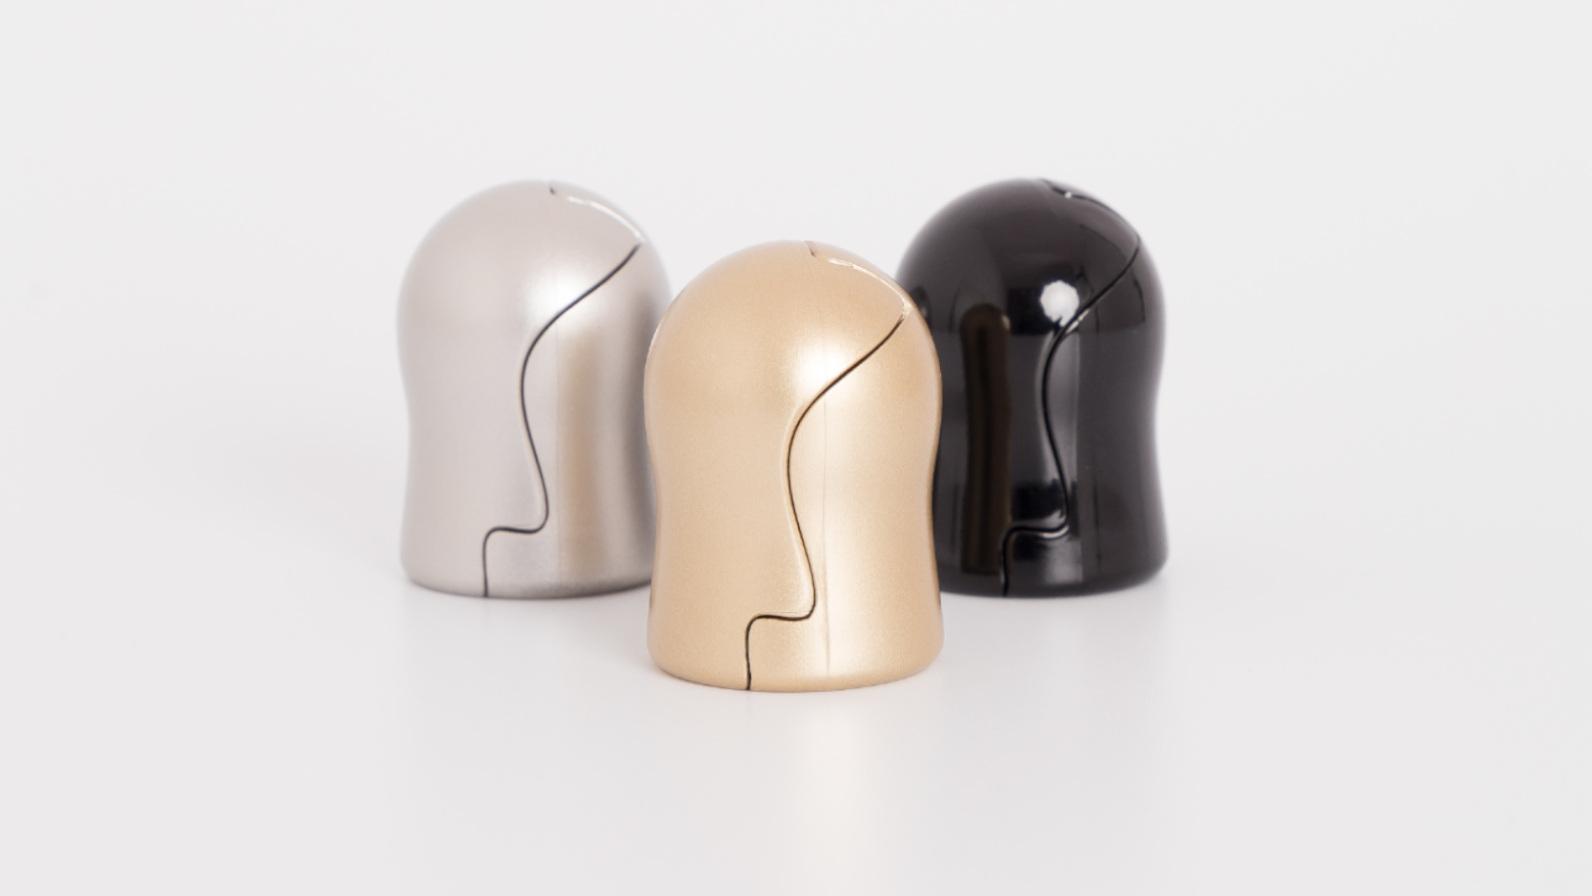 WIDGET Barware by ALOS. Product Design Studio.